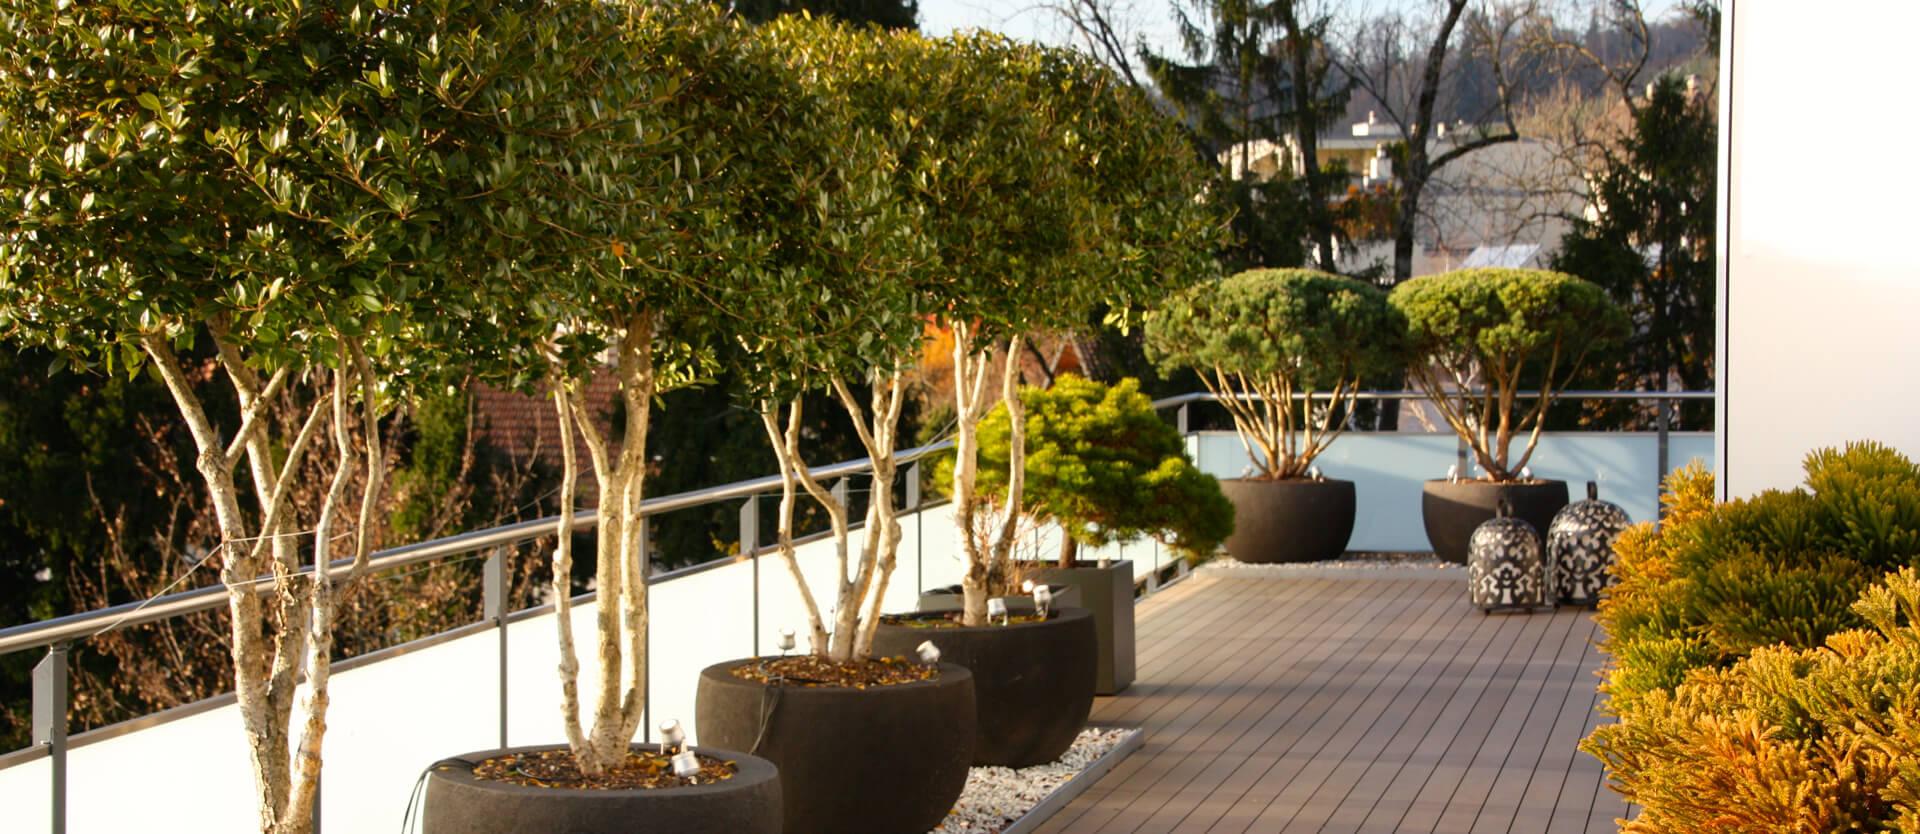 Terrasse Zürcher Oberland - Gartengestaltung